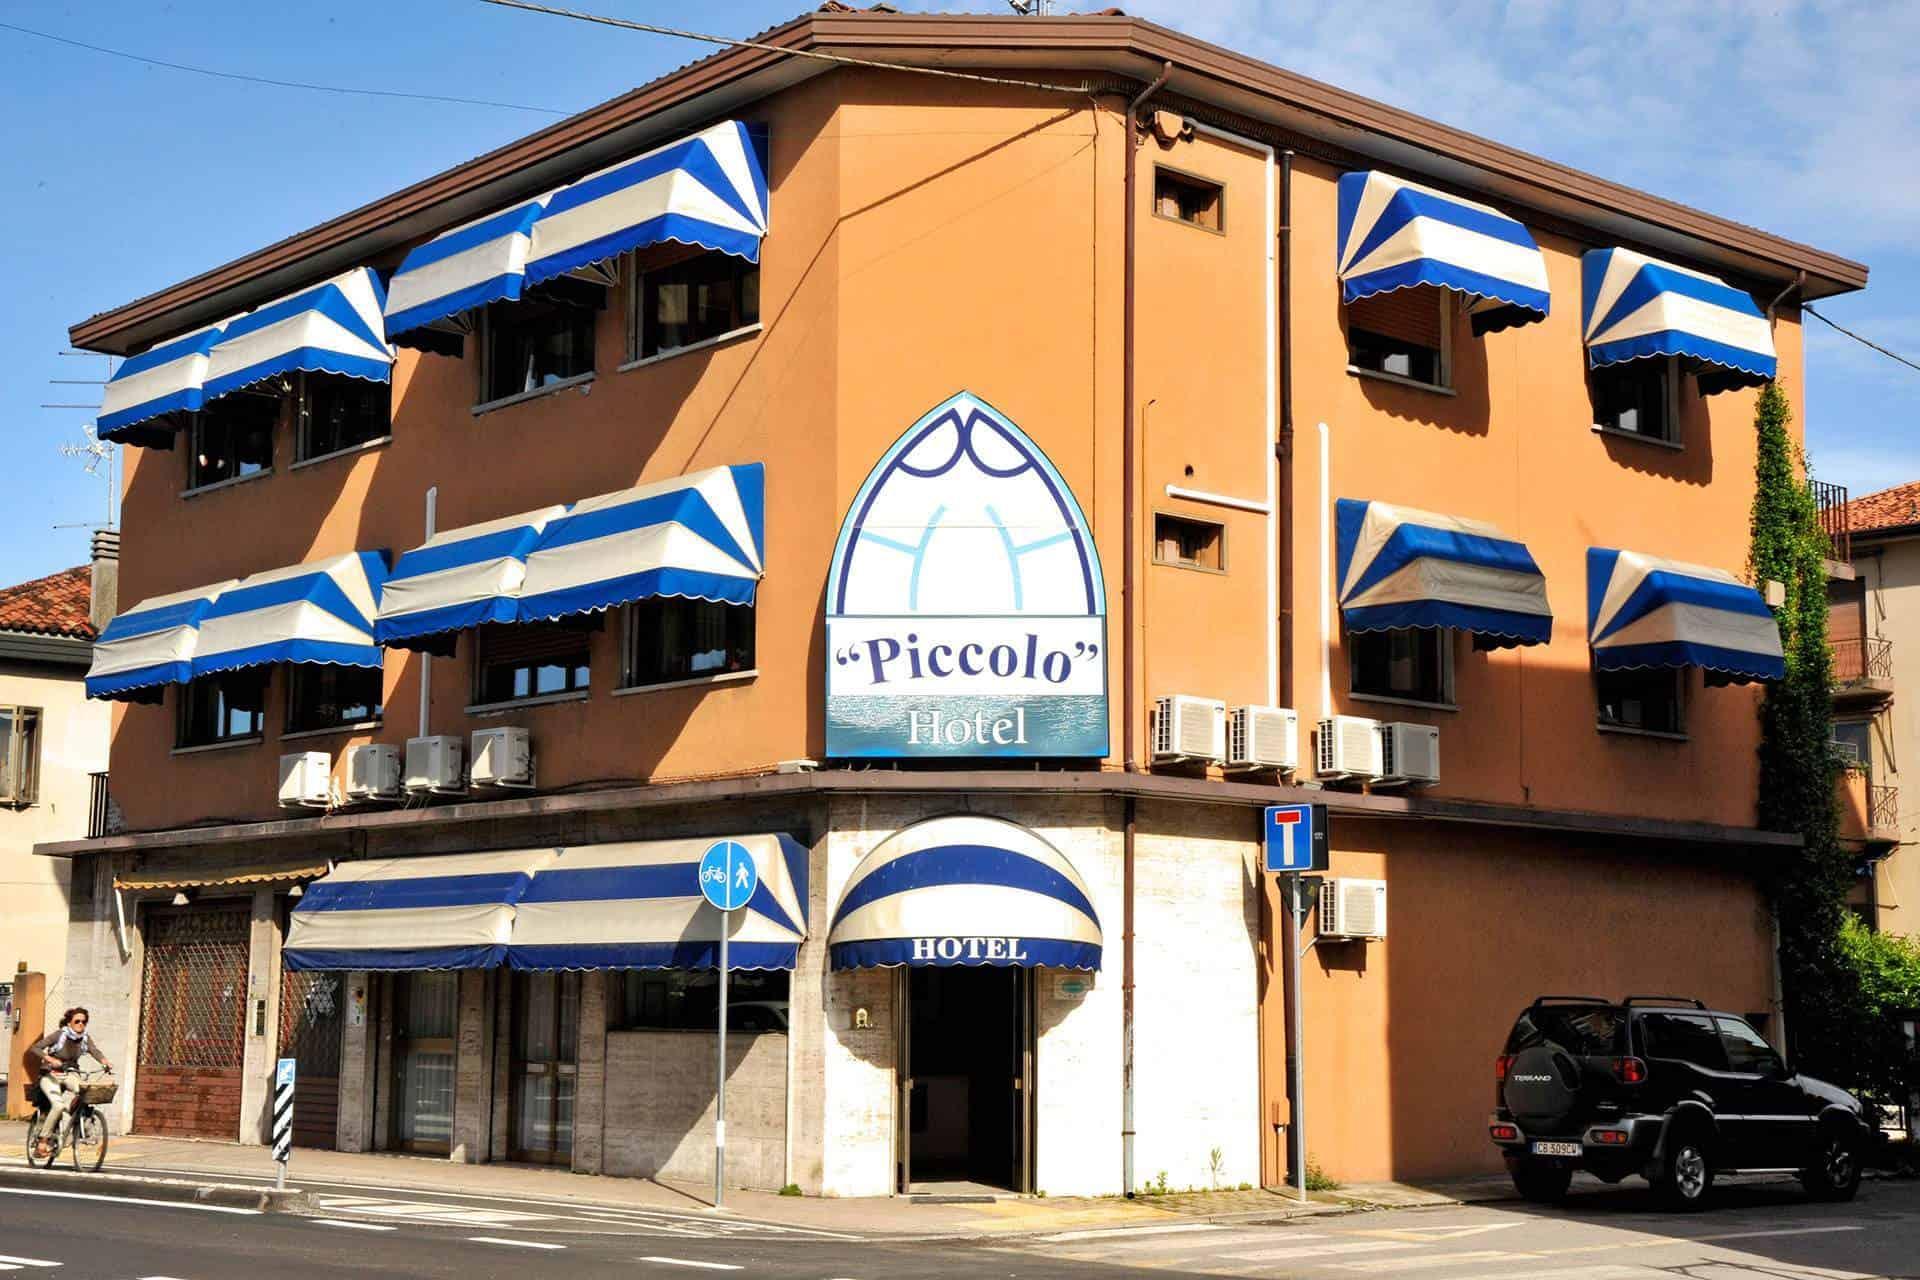 Hotel Al Piccolo